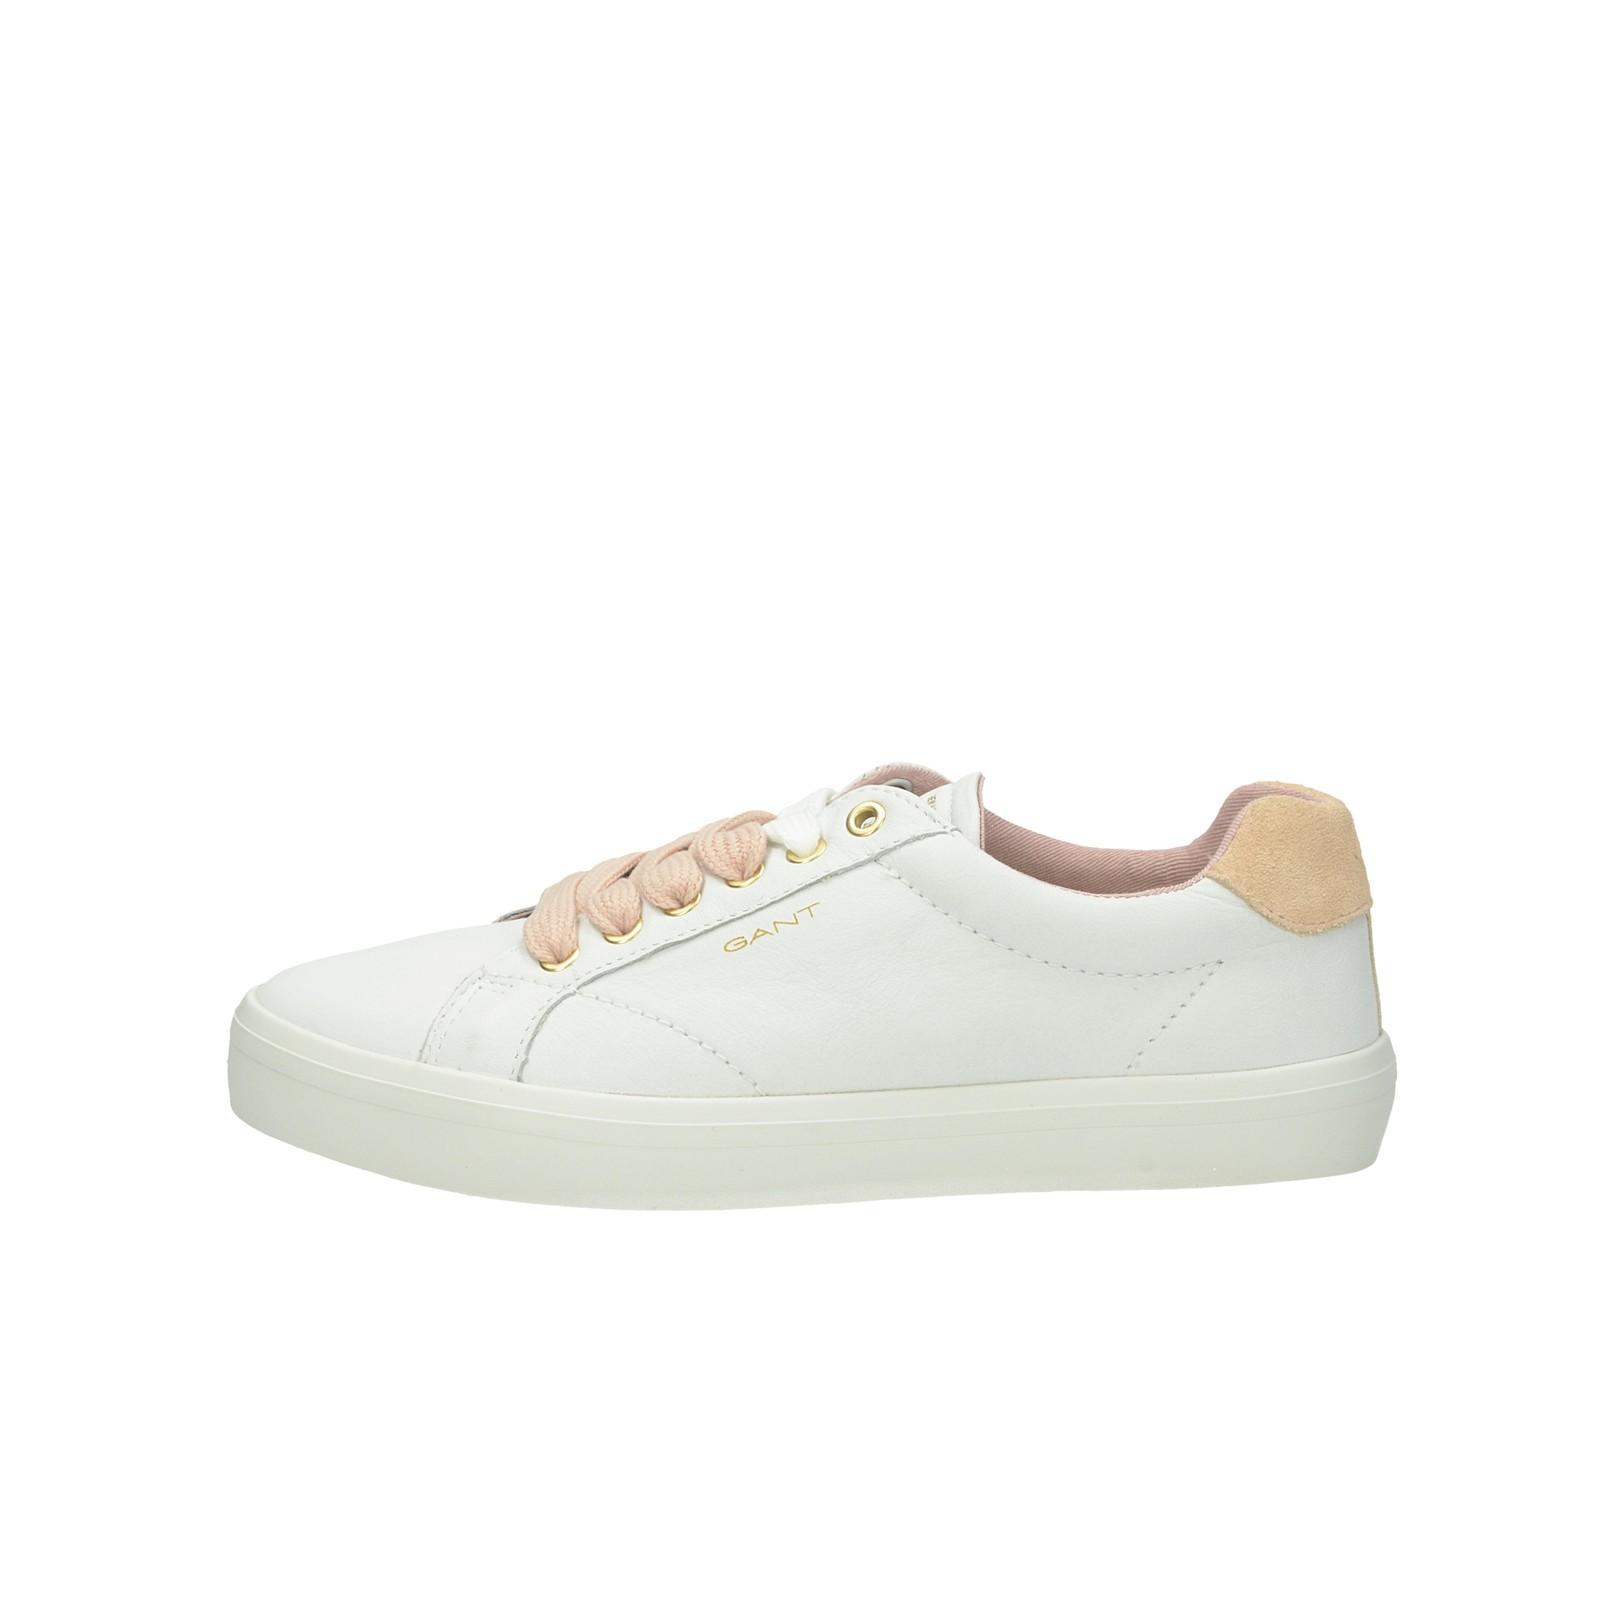 8a99282a1d Gant dámske štýlové kožené tenisky - biele ...